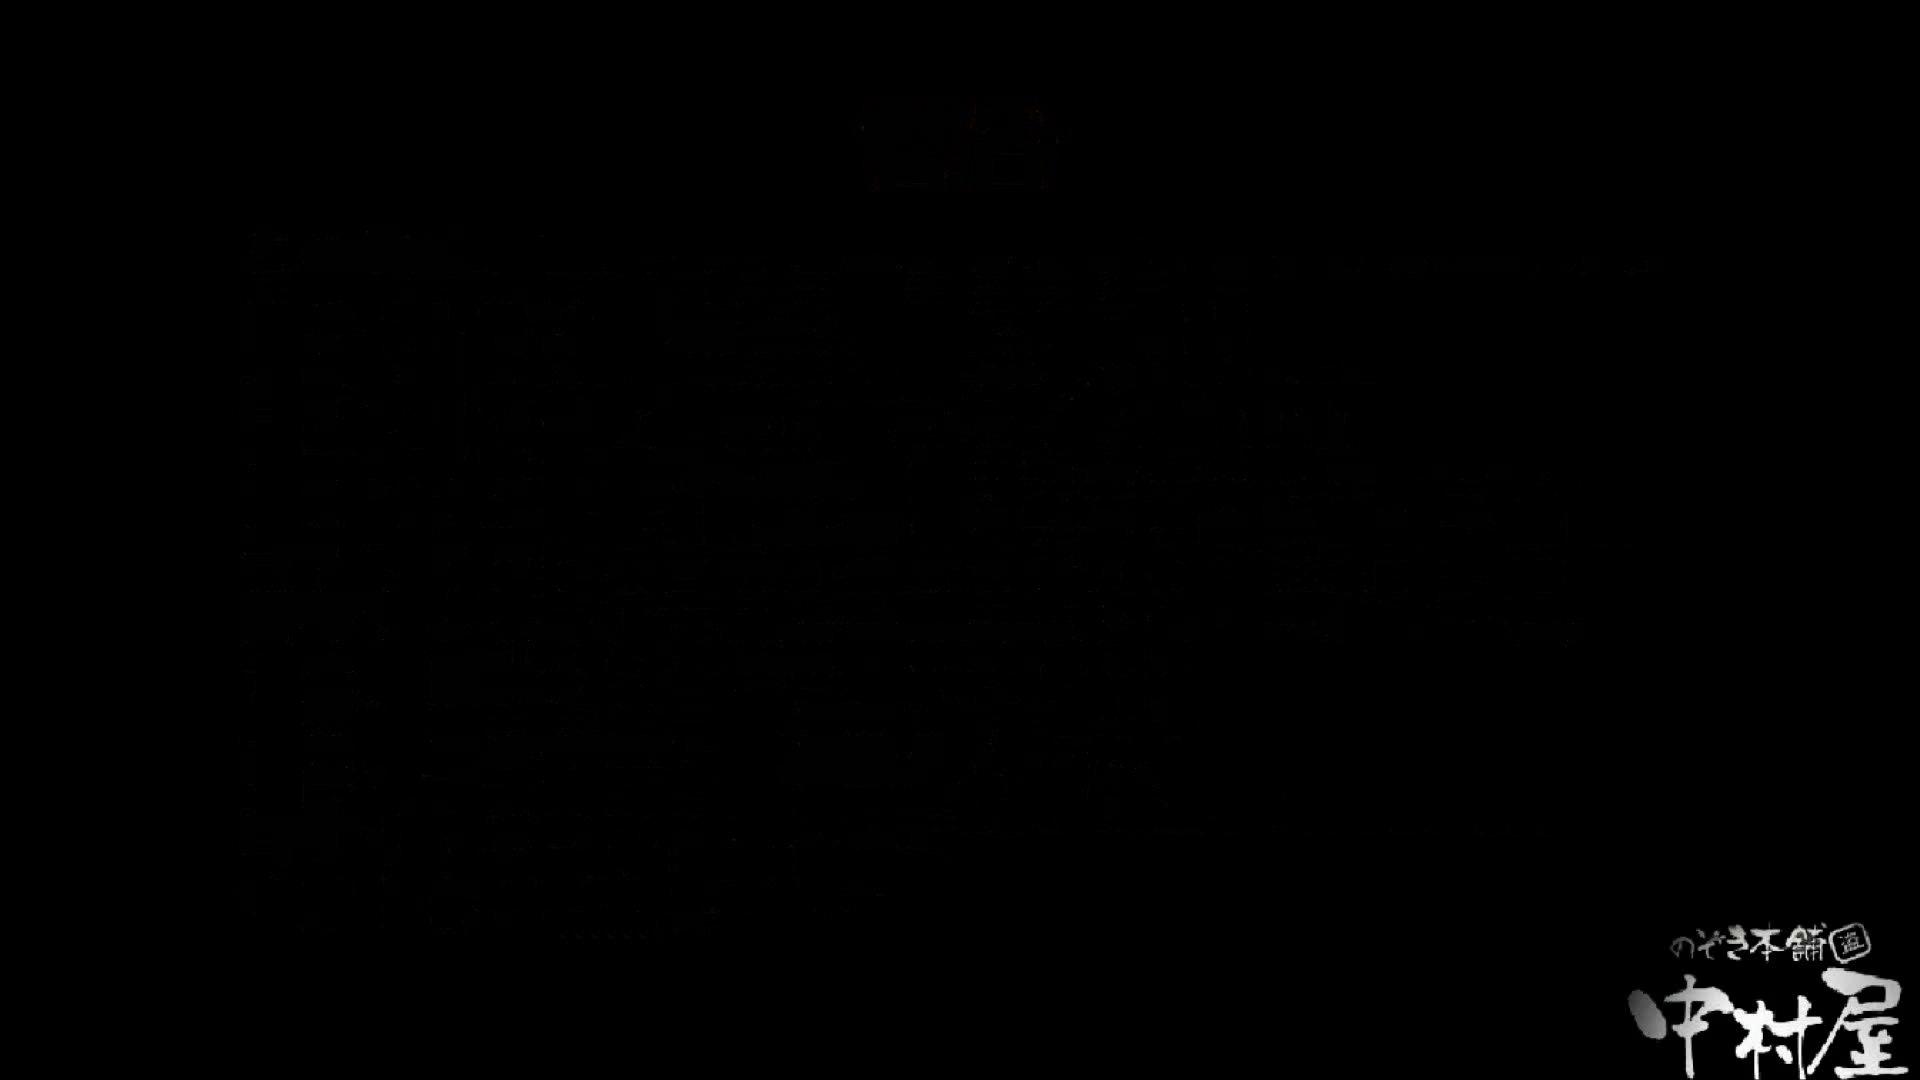 魂のかわや盗撮62連発! 丁寧にオシリをフキフキ! 38発目! 黄金水 | 盗撮特集  95画像 54